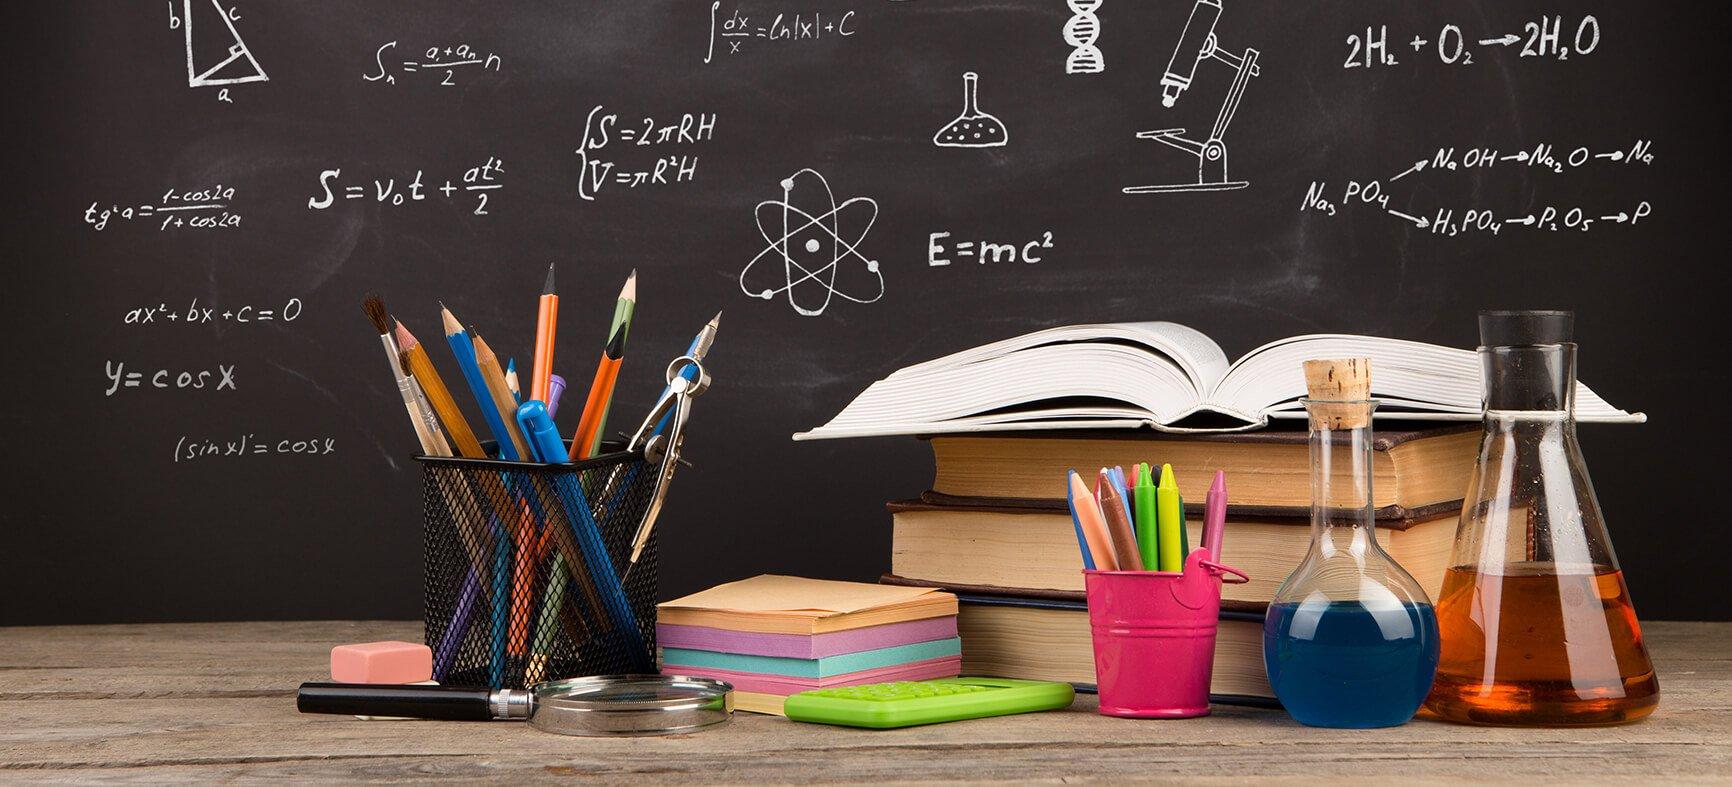 Έναρξη νέων τμημάτων Γ' Λυκείου - Φροντιστήρια Εκπαίδευση